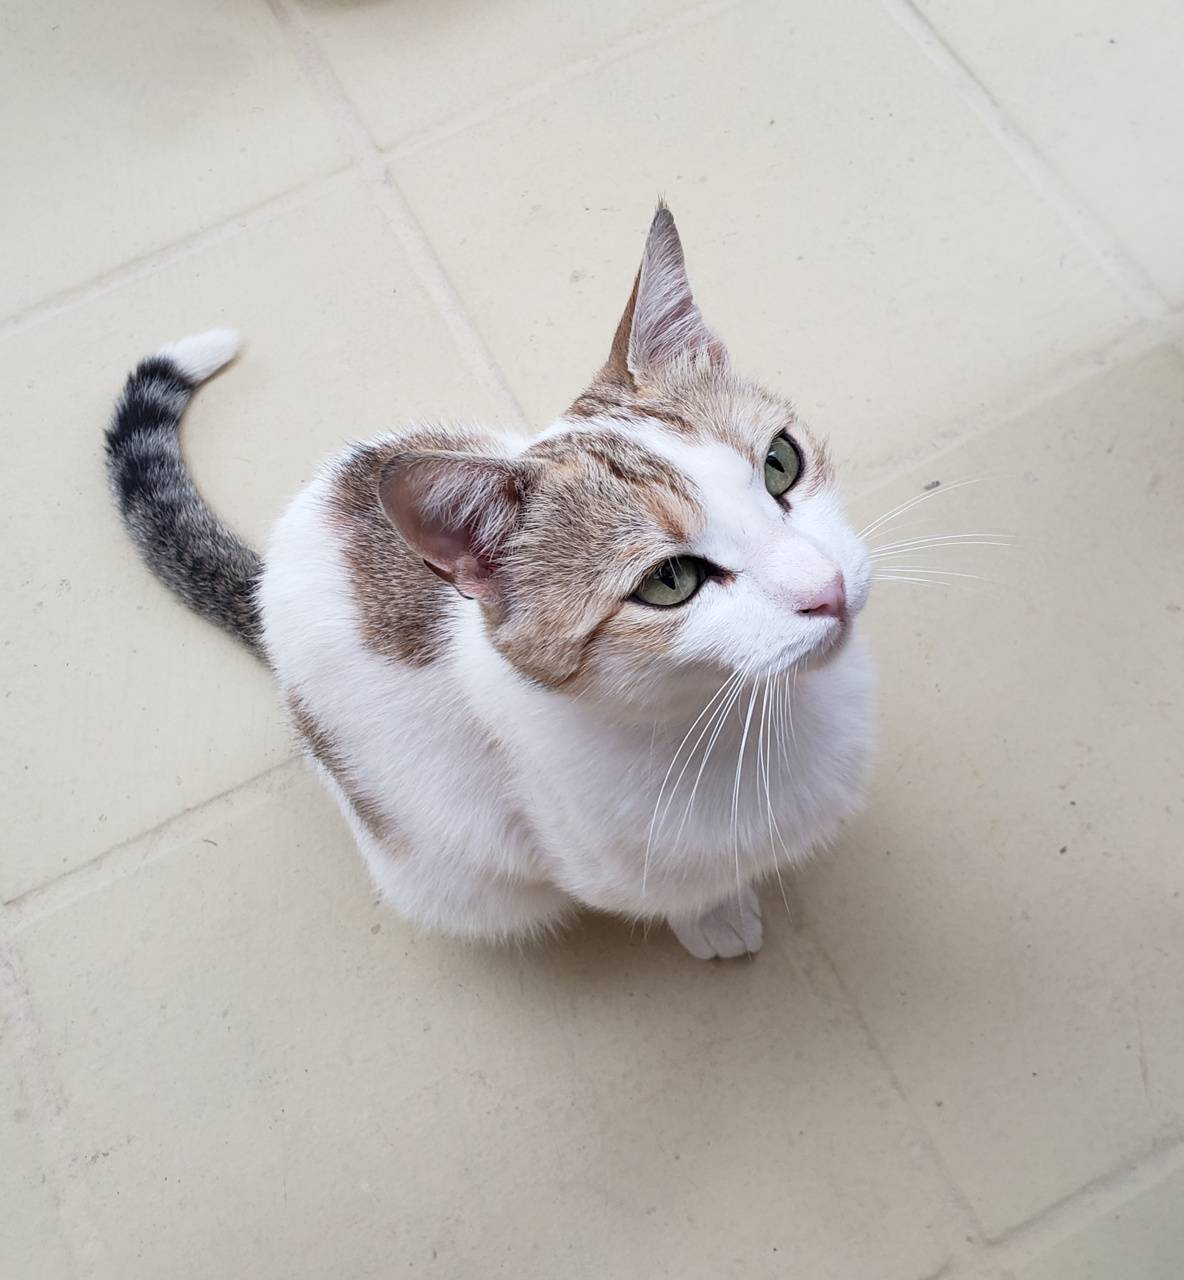 Stray Santorini cat